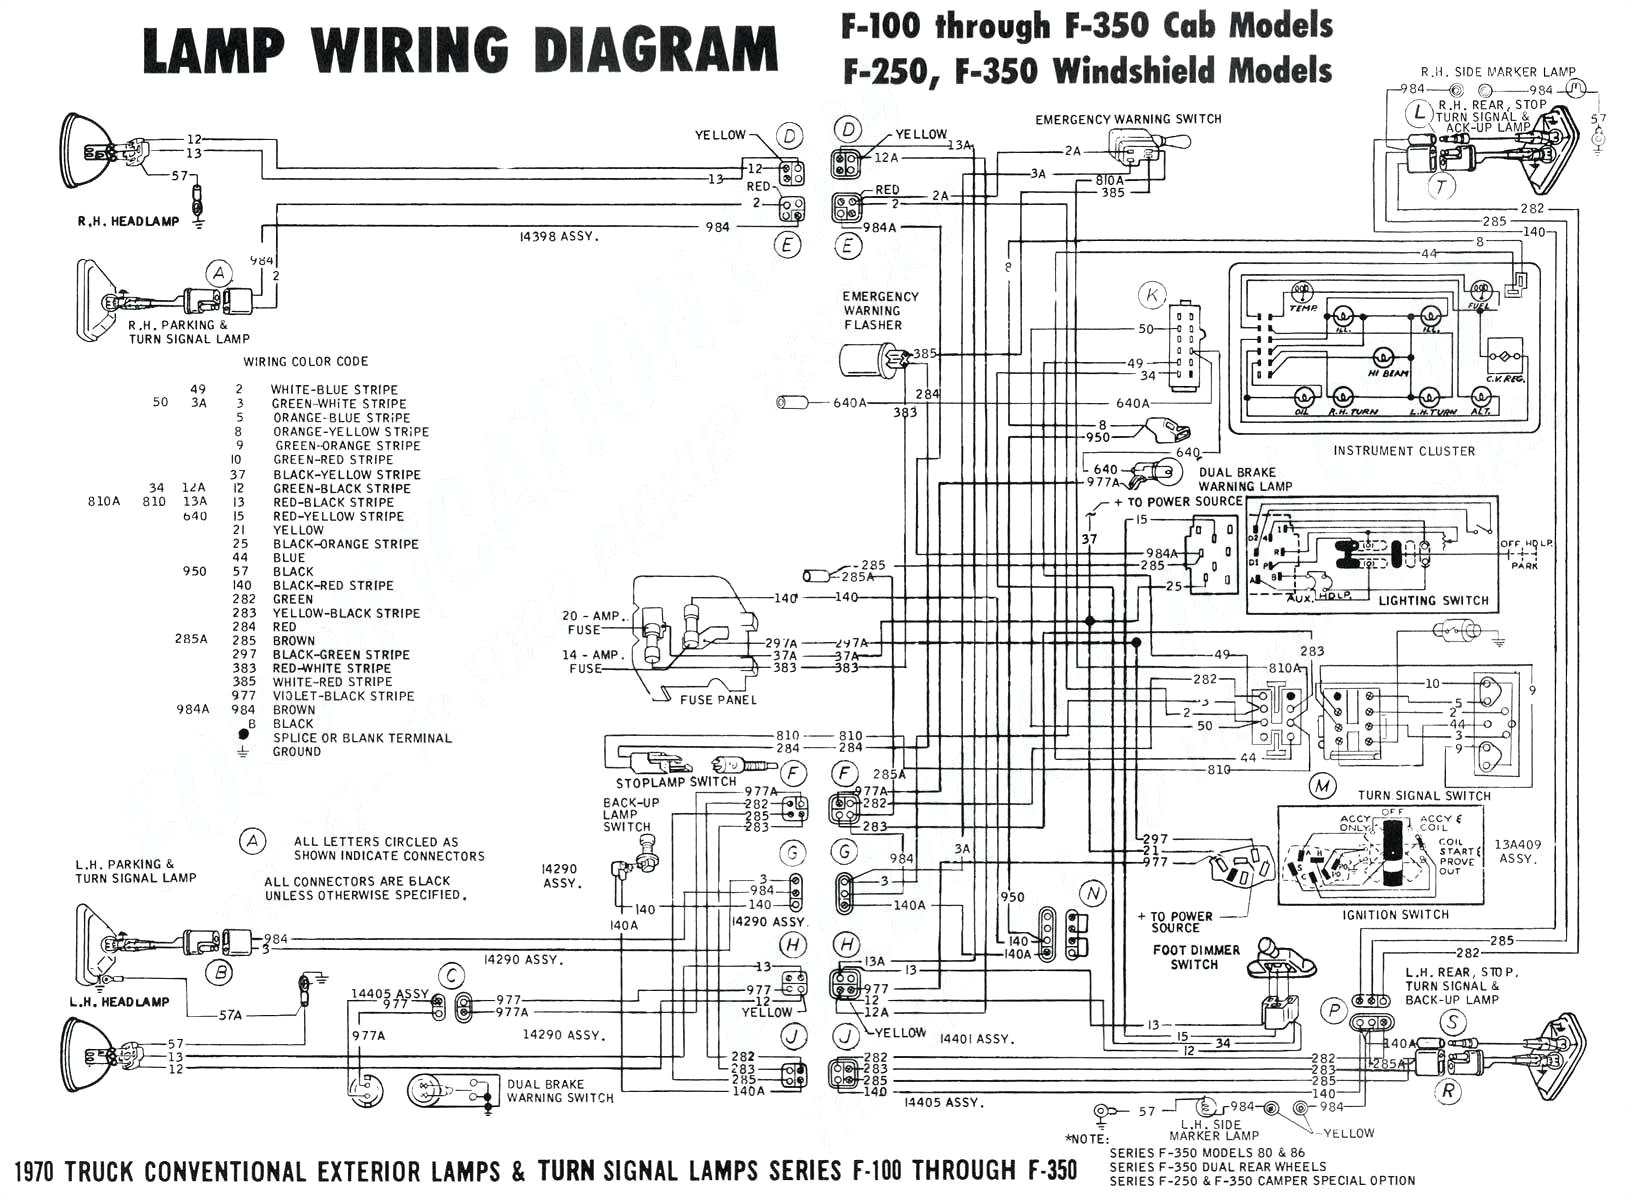 Hunter Jin You E70469 Diagram. jin you e70469 wiring diagram. jin you e70469  wiring diagram collection wiring diagram. e70469 jin you switch pushbutton  full size 2027002105. jin you e70469 wiring diagram autocardesign.2002-acura-tl-radio.info